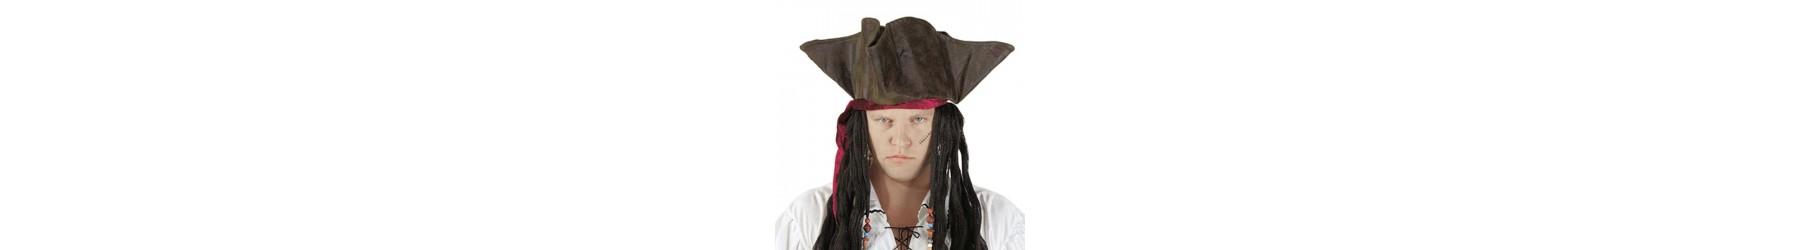 Αποκριάτικα Καπέλα για Πειρατή και Ιππότη